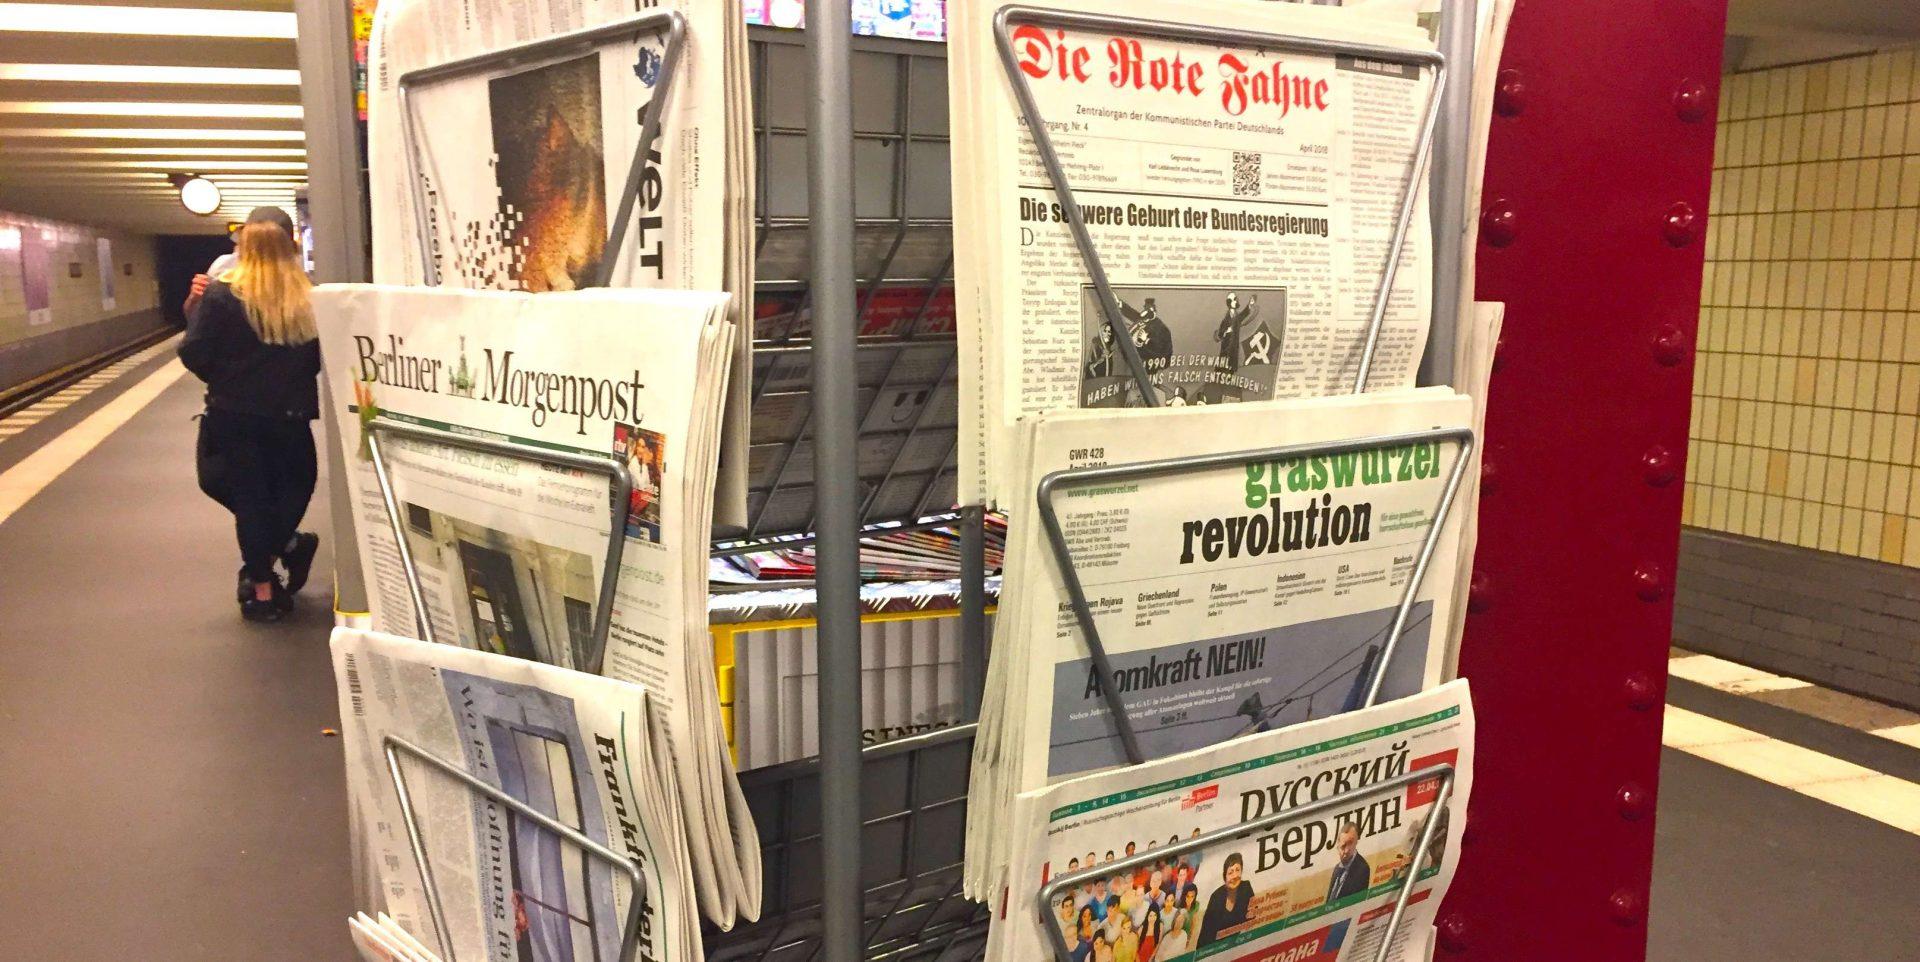 Pressefreiheit darf nicht nur auf dem Papier herrschen